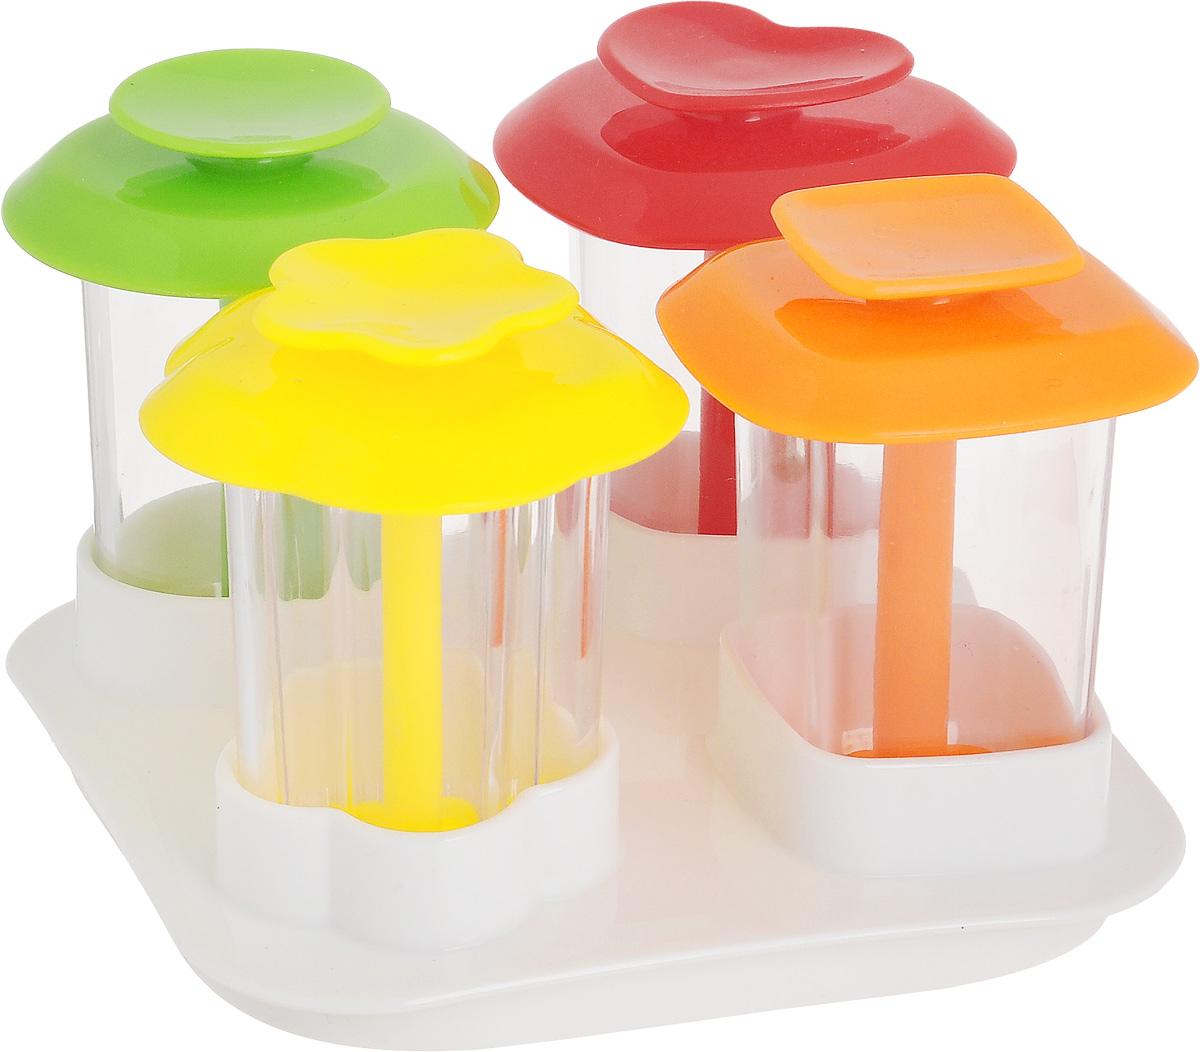 Форма для канапе Tescoma Presto Foodstyle, с крышкой-подставкой, 4 шт68/5/4Набор форм для канапе Tescoma Presto Foodstyle, изготовленный из прочного пластика, отлично подходит для придания формы блюдам и легкого приготовления слоистых гарниров, десертов. В комплект входит универсальная крышка для хранения. Можно мыть в посудомоечной машине. Инструкция по применению с рецептами прилагается внутри.Размер формы в виде сердца: 5,5 х 5 х 6,5 см.Размер формы в виде цветка: 5,5 х 5,5 х 6,5 см.Размер круглой формы: 5 х 5 х 6,5 см.Размер квадратной формы: 5 х 5 х 6,5 см.Размер крышки-подставки: 10 х 10 х 2,5 см.Средний размер канапе: 3,5 х 3,5 х 6 см.